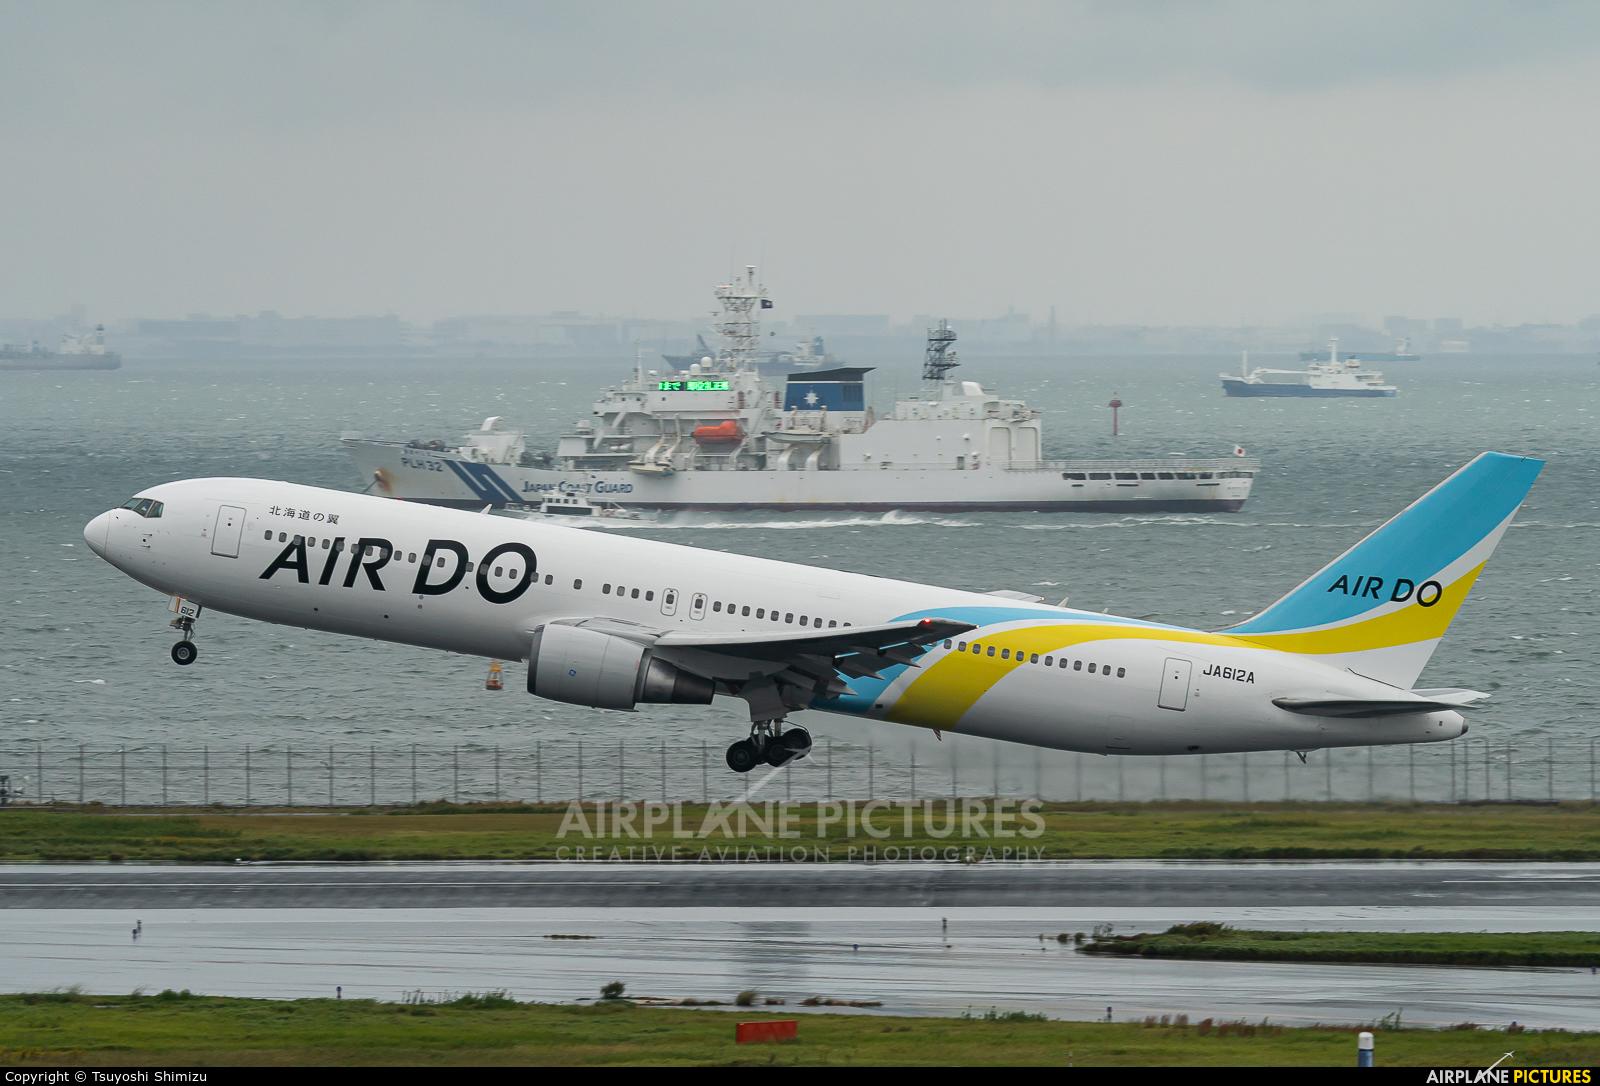 Air Do - Hokkaido International Airlines JA612A aircraft at Tokyo - Haneda Intl